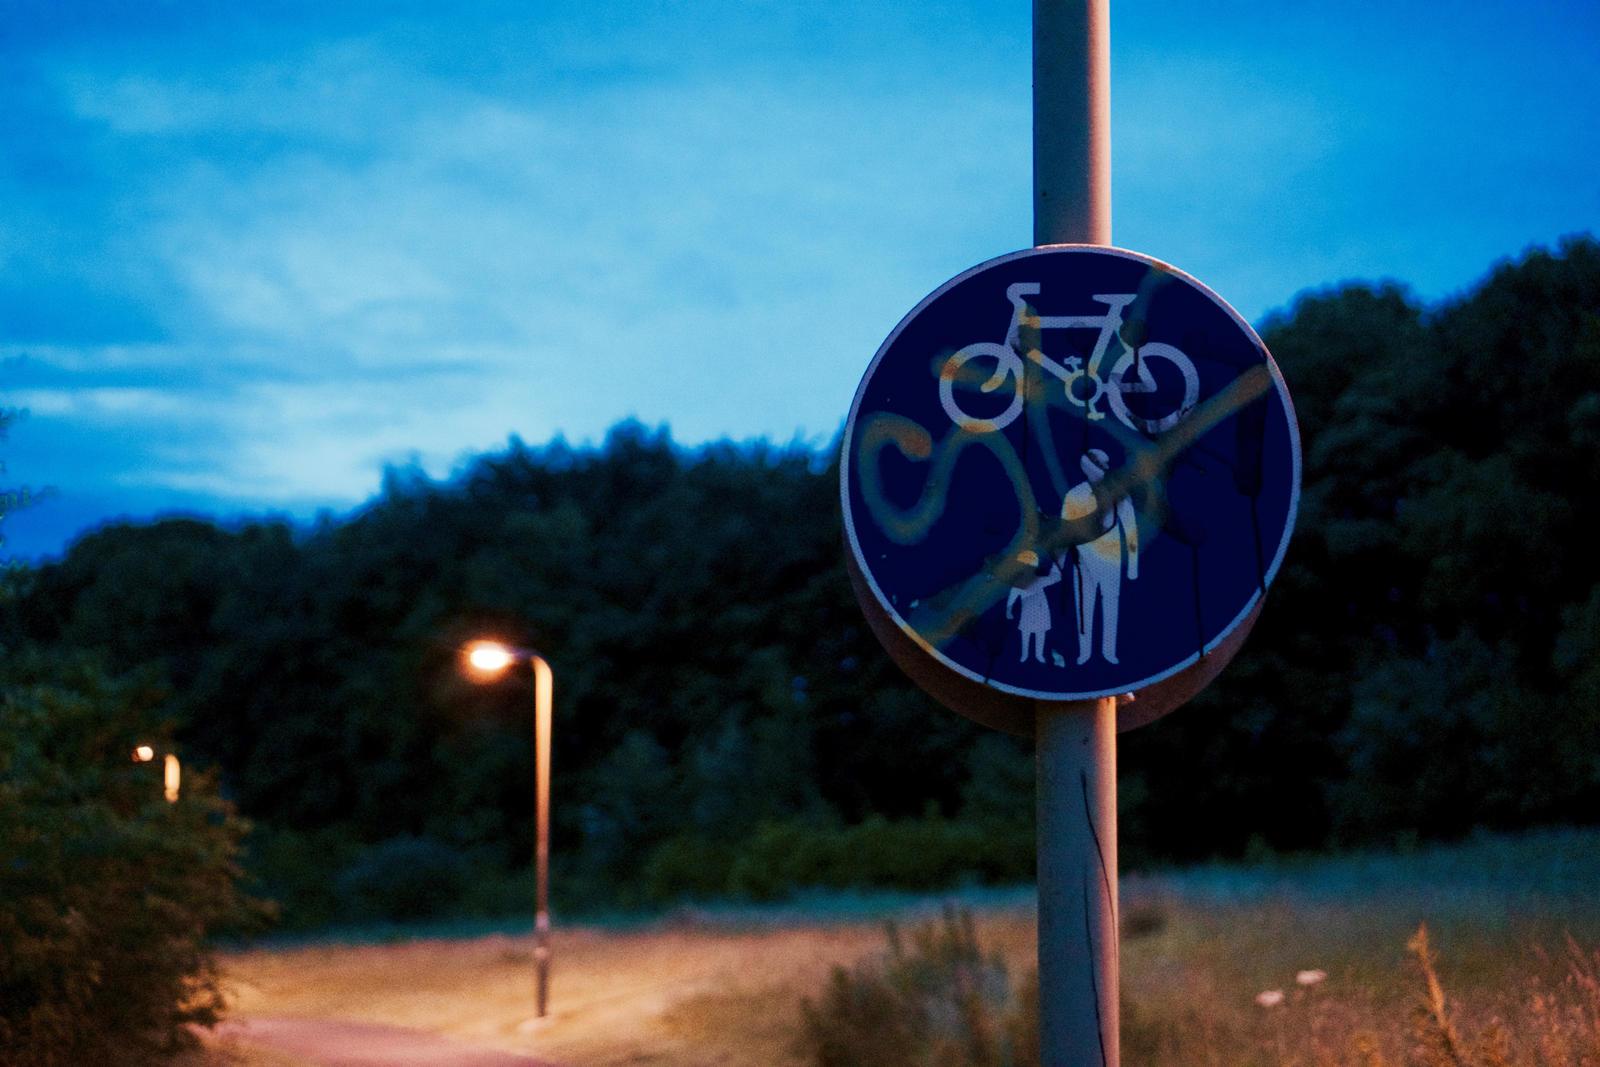 Graffiti by WeeGit